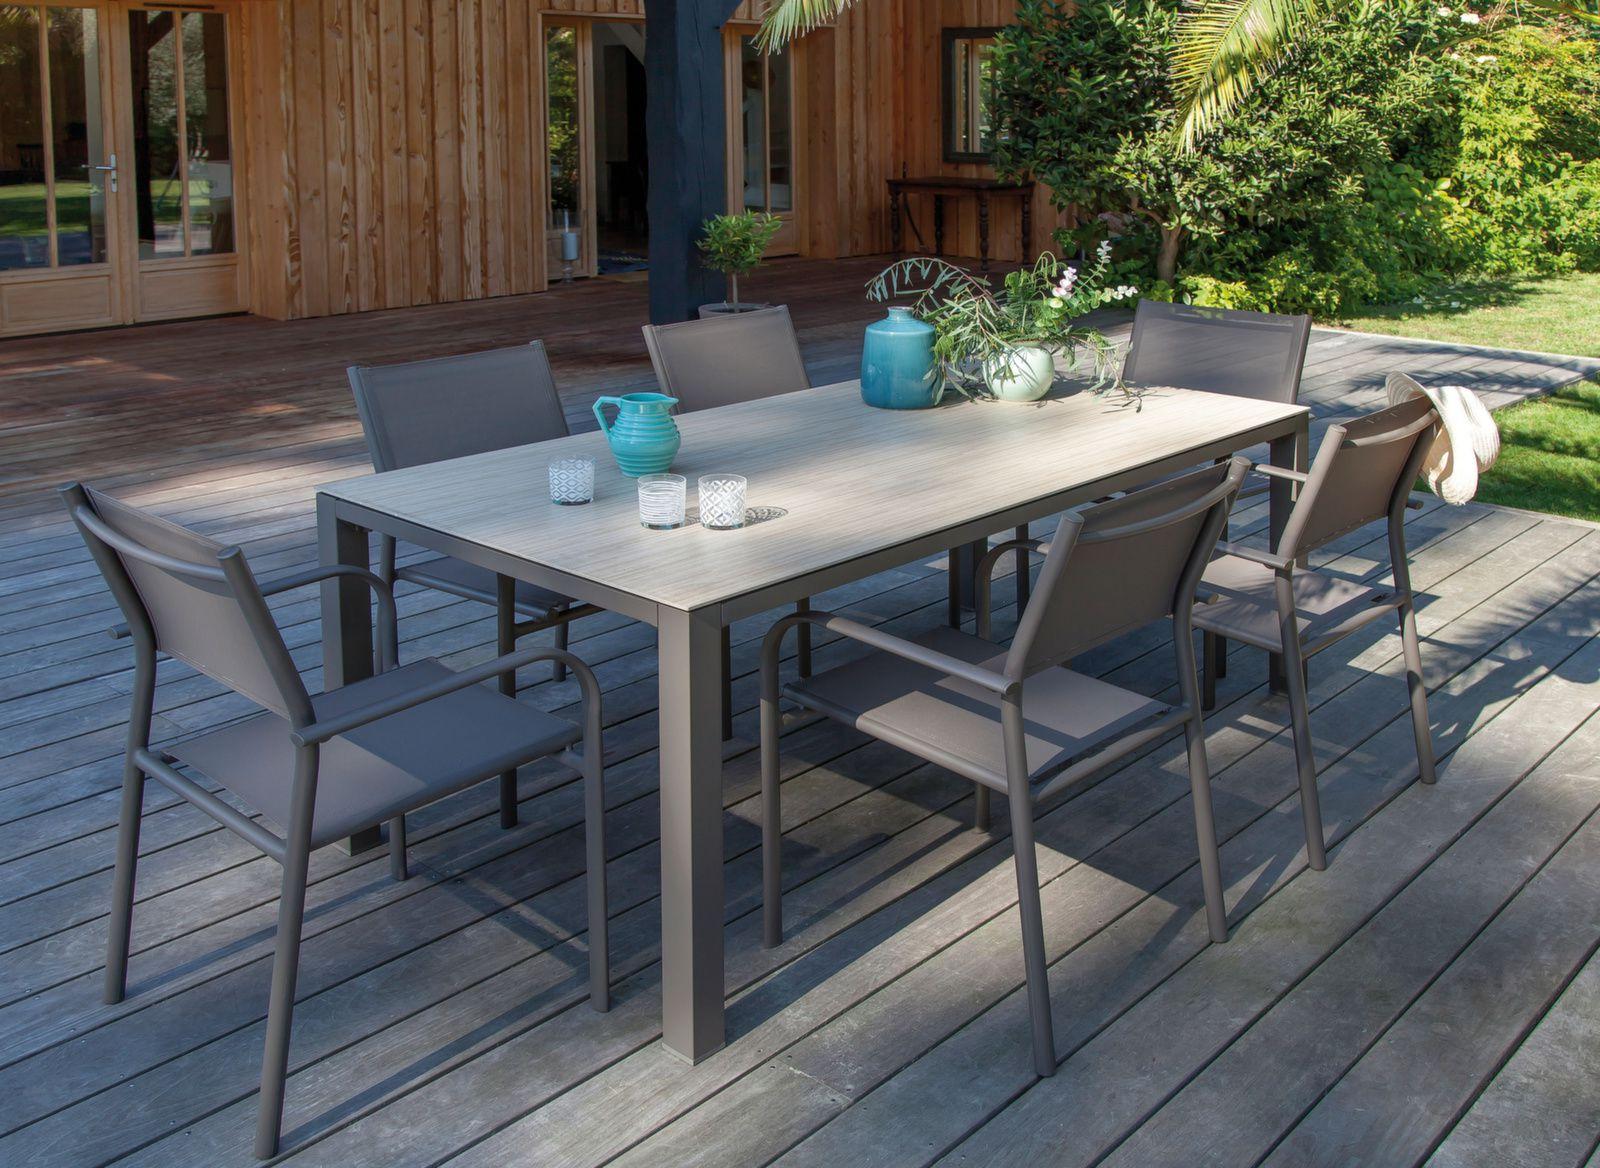 Table Bavella 180 Cm, Plateau Céramique concernant Table Jardin Ceramique